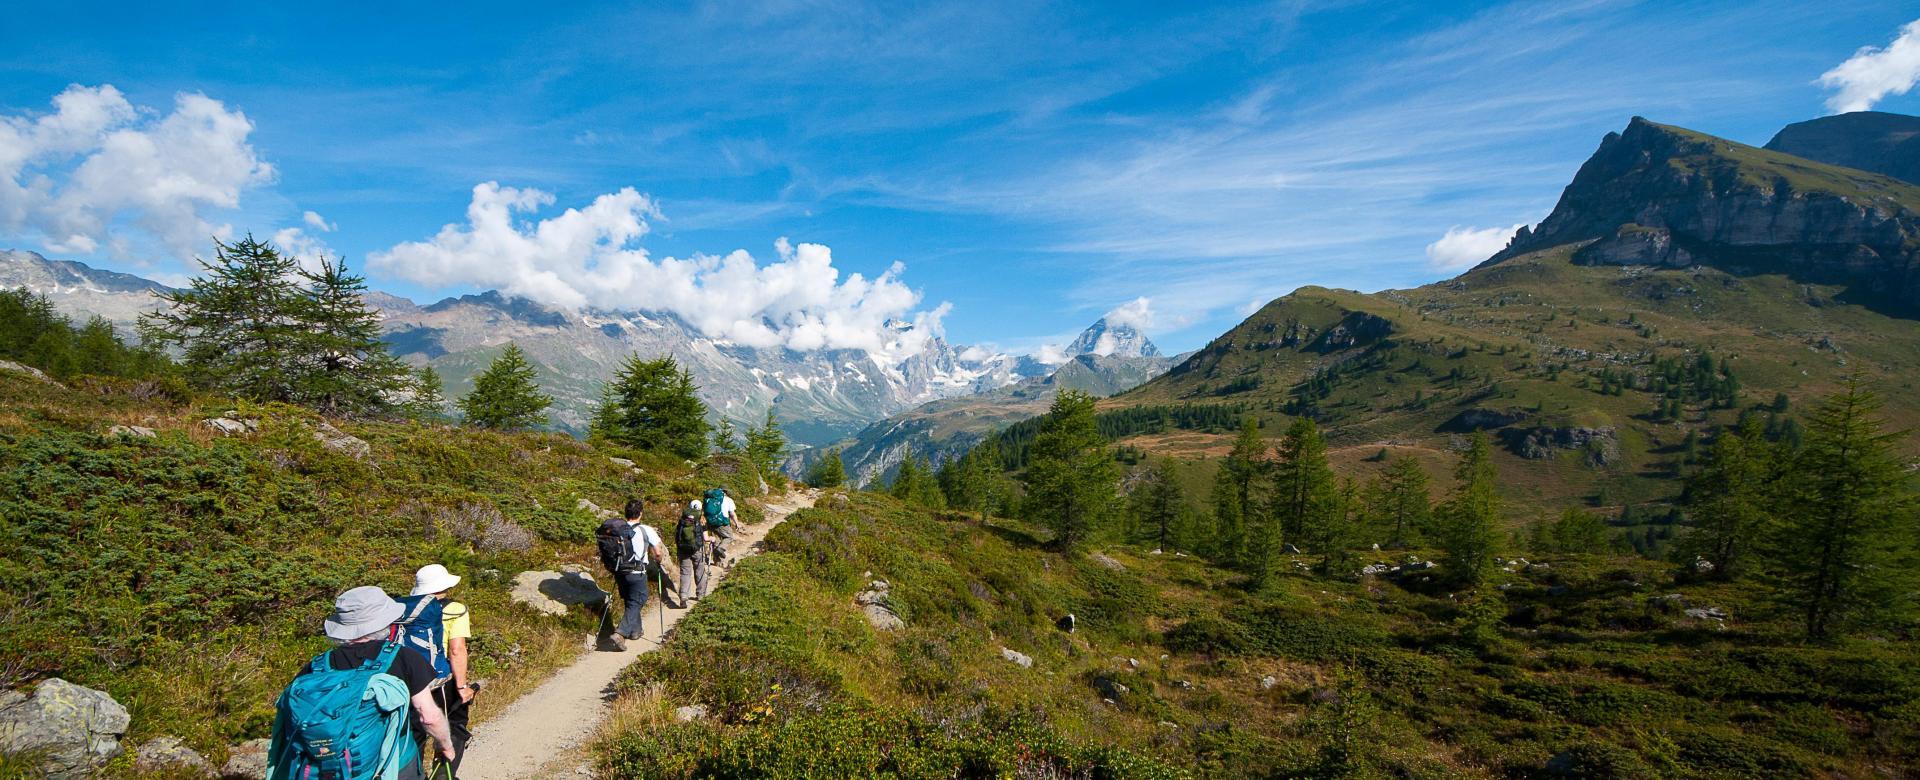 Voyage à pied : Alpes italiennes et cervin